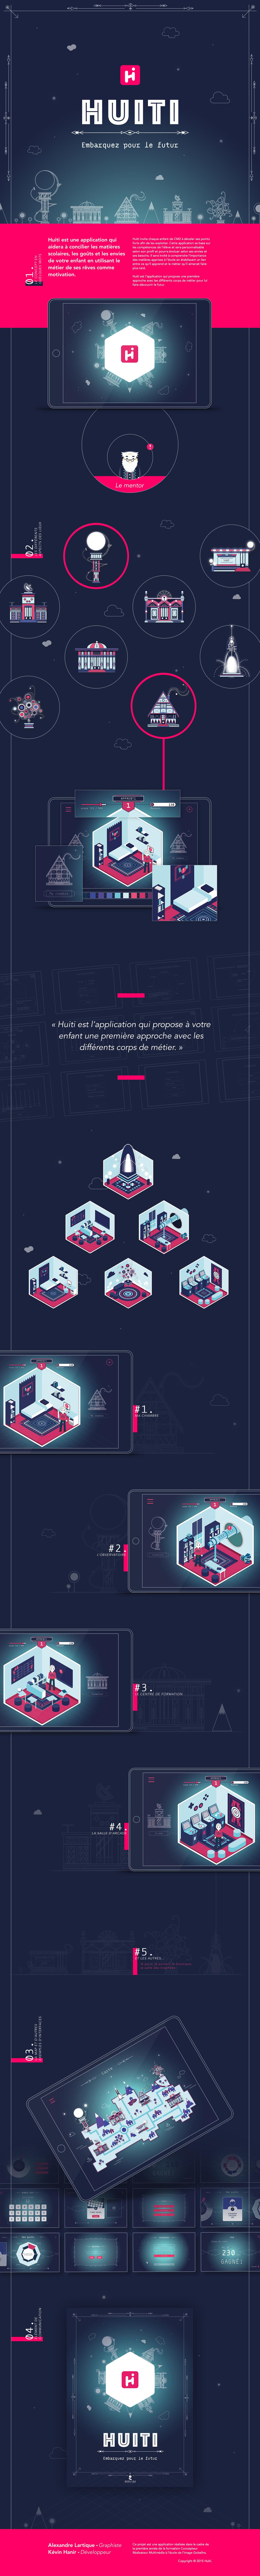 tablette orientation enfant jeu application metier école Carte design interfaces